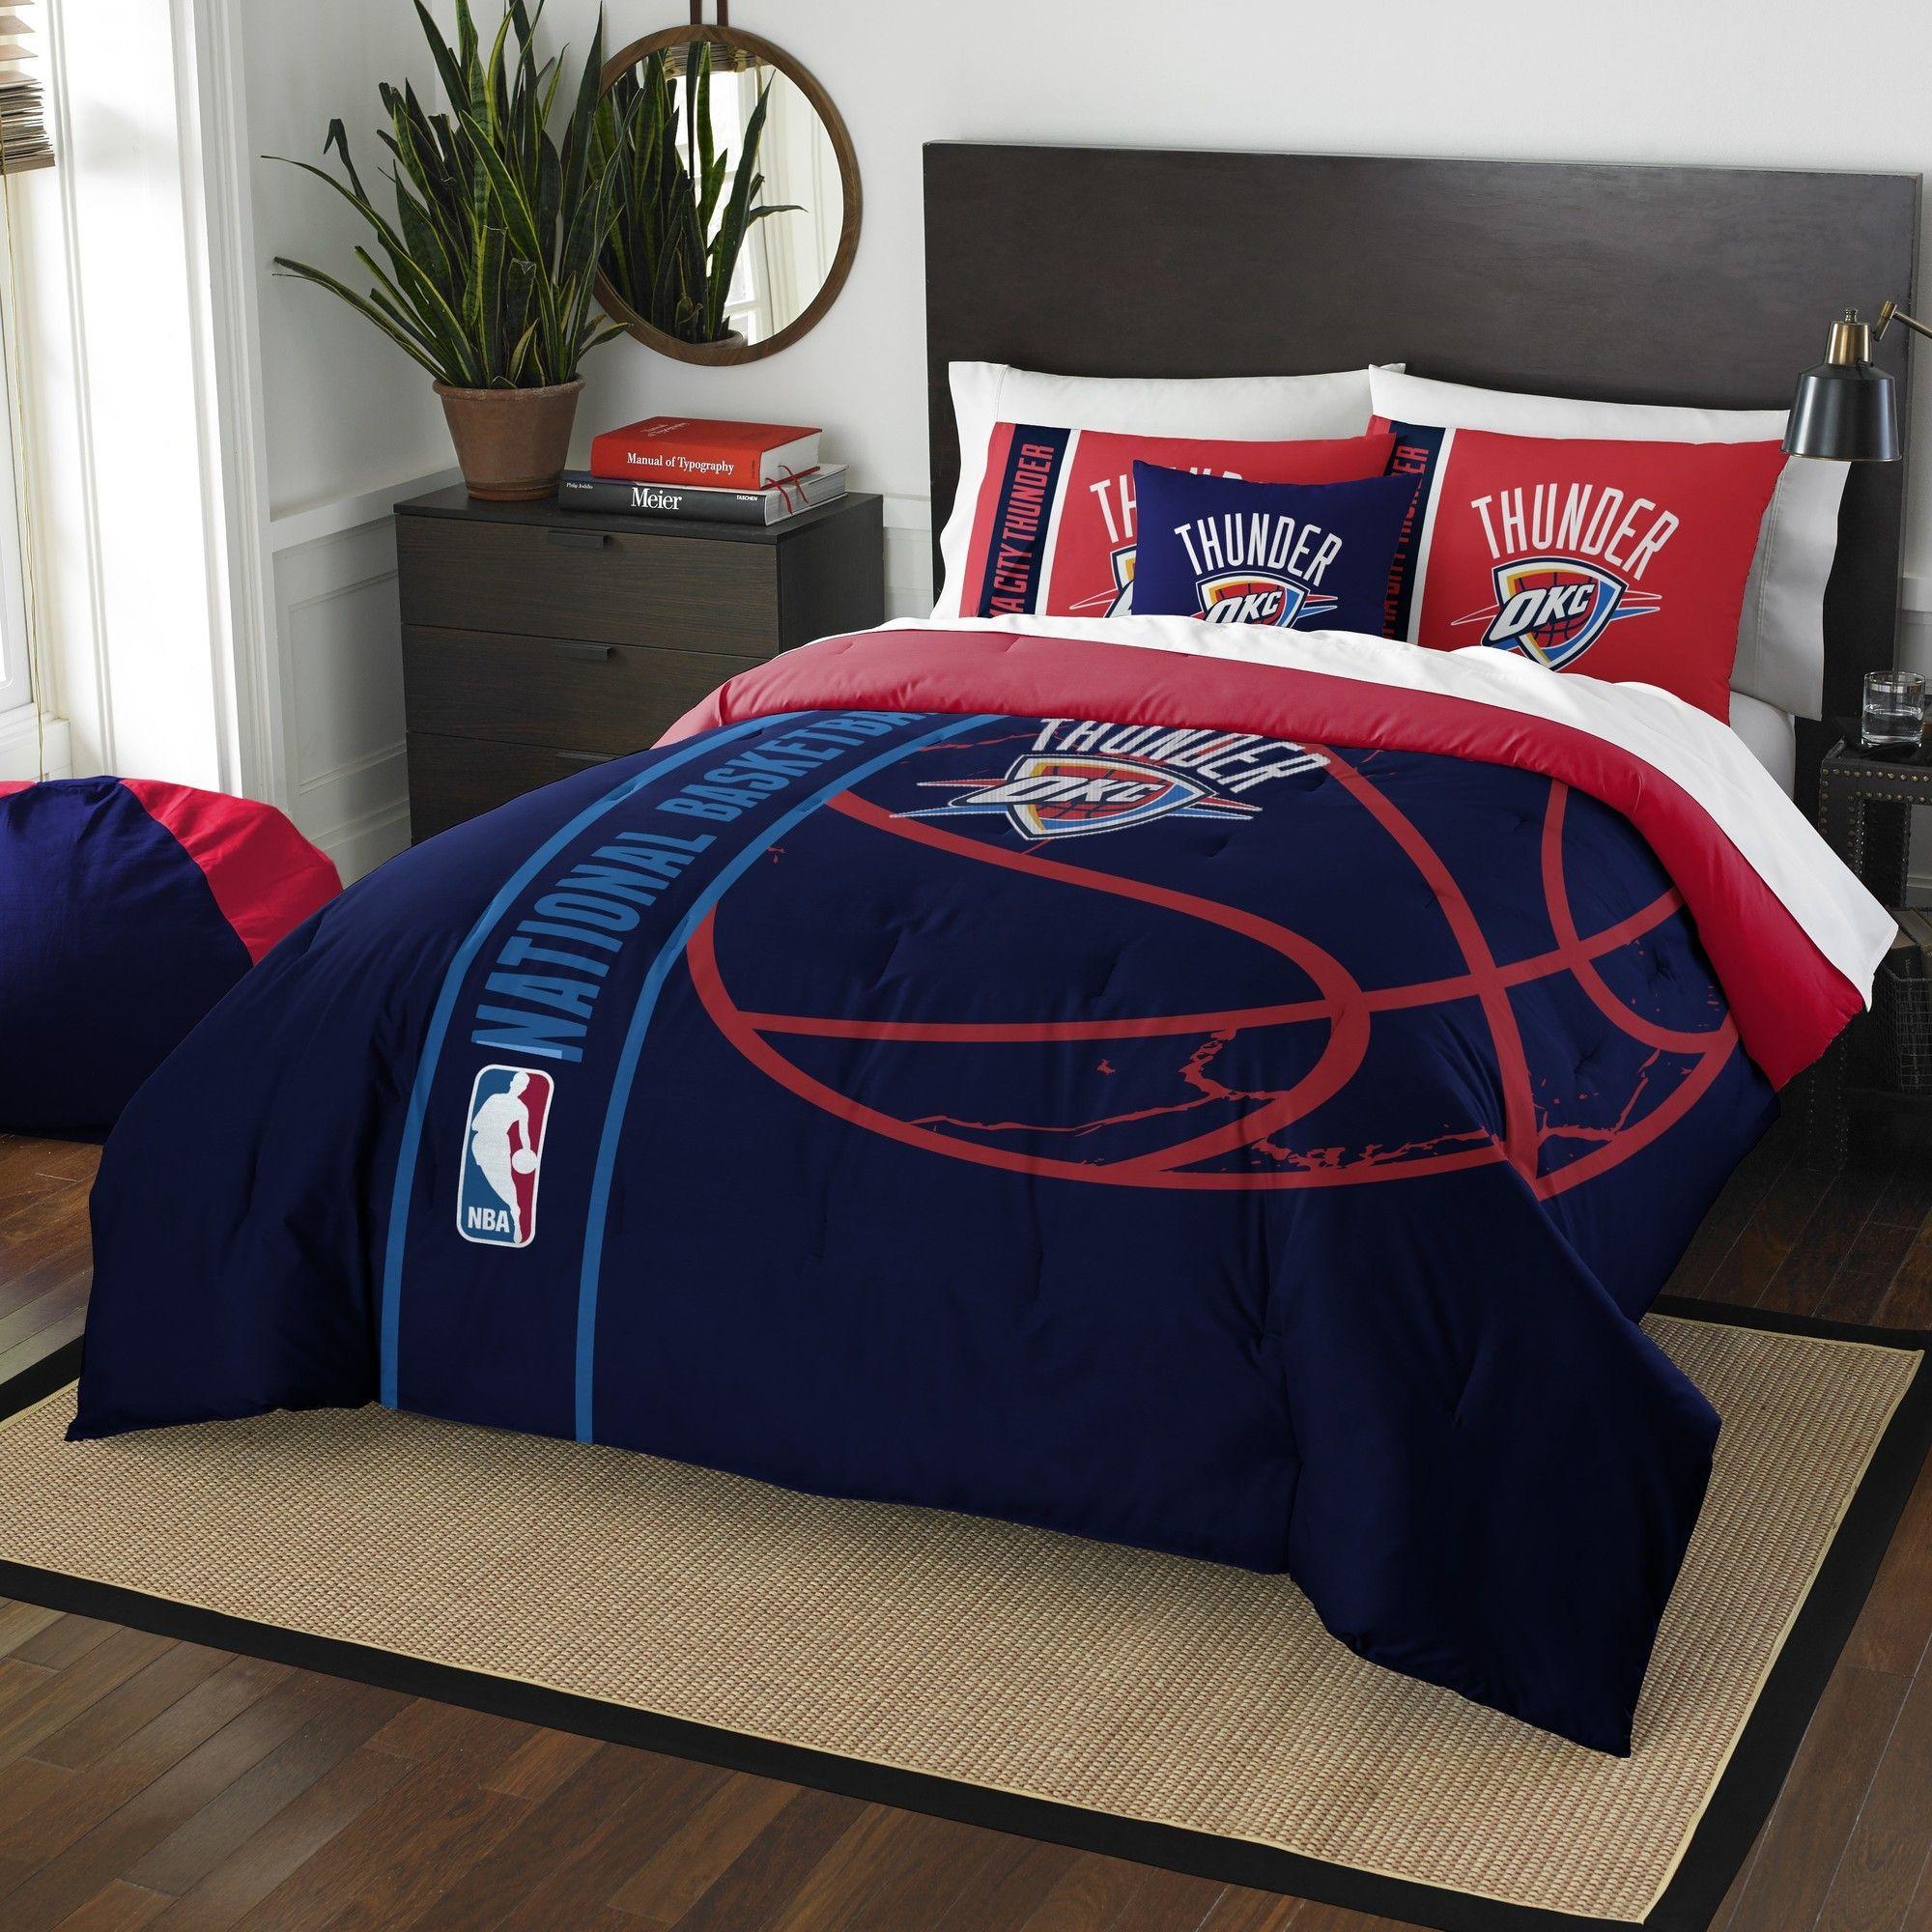 NBA Thunder Basketball Comforter Set